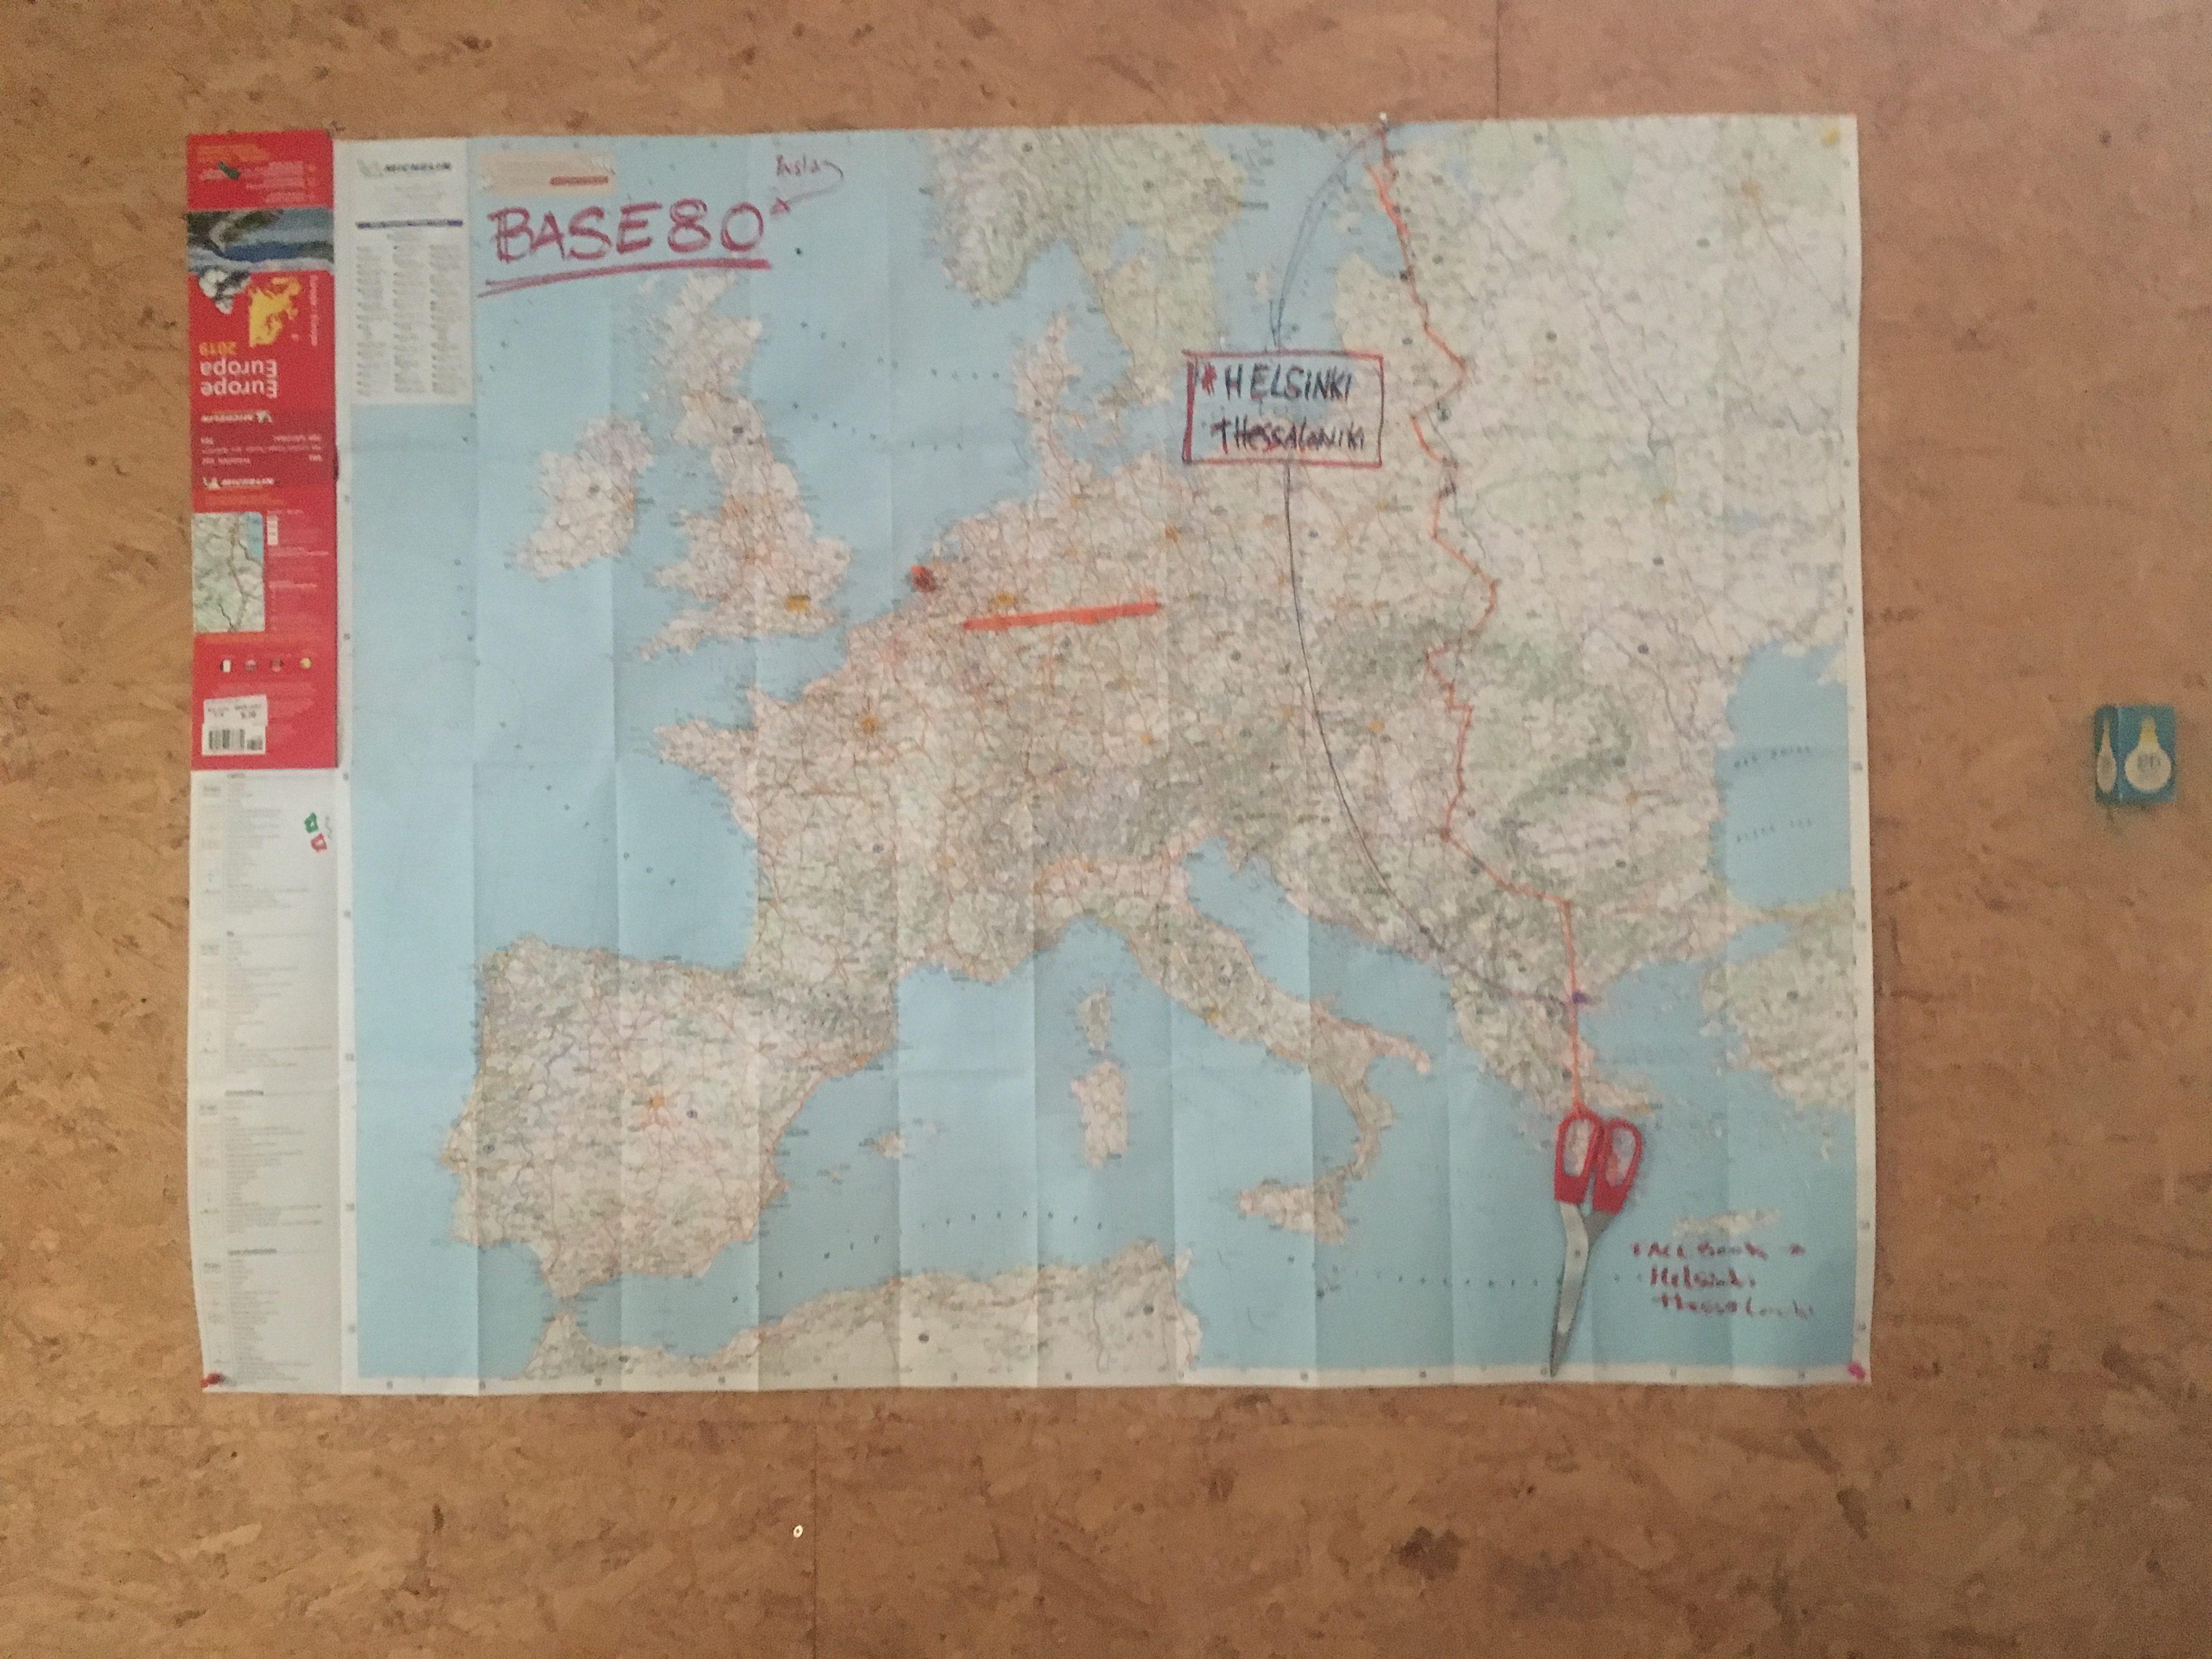 Olivier's map - the scissors mark the spot